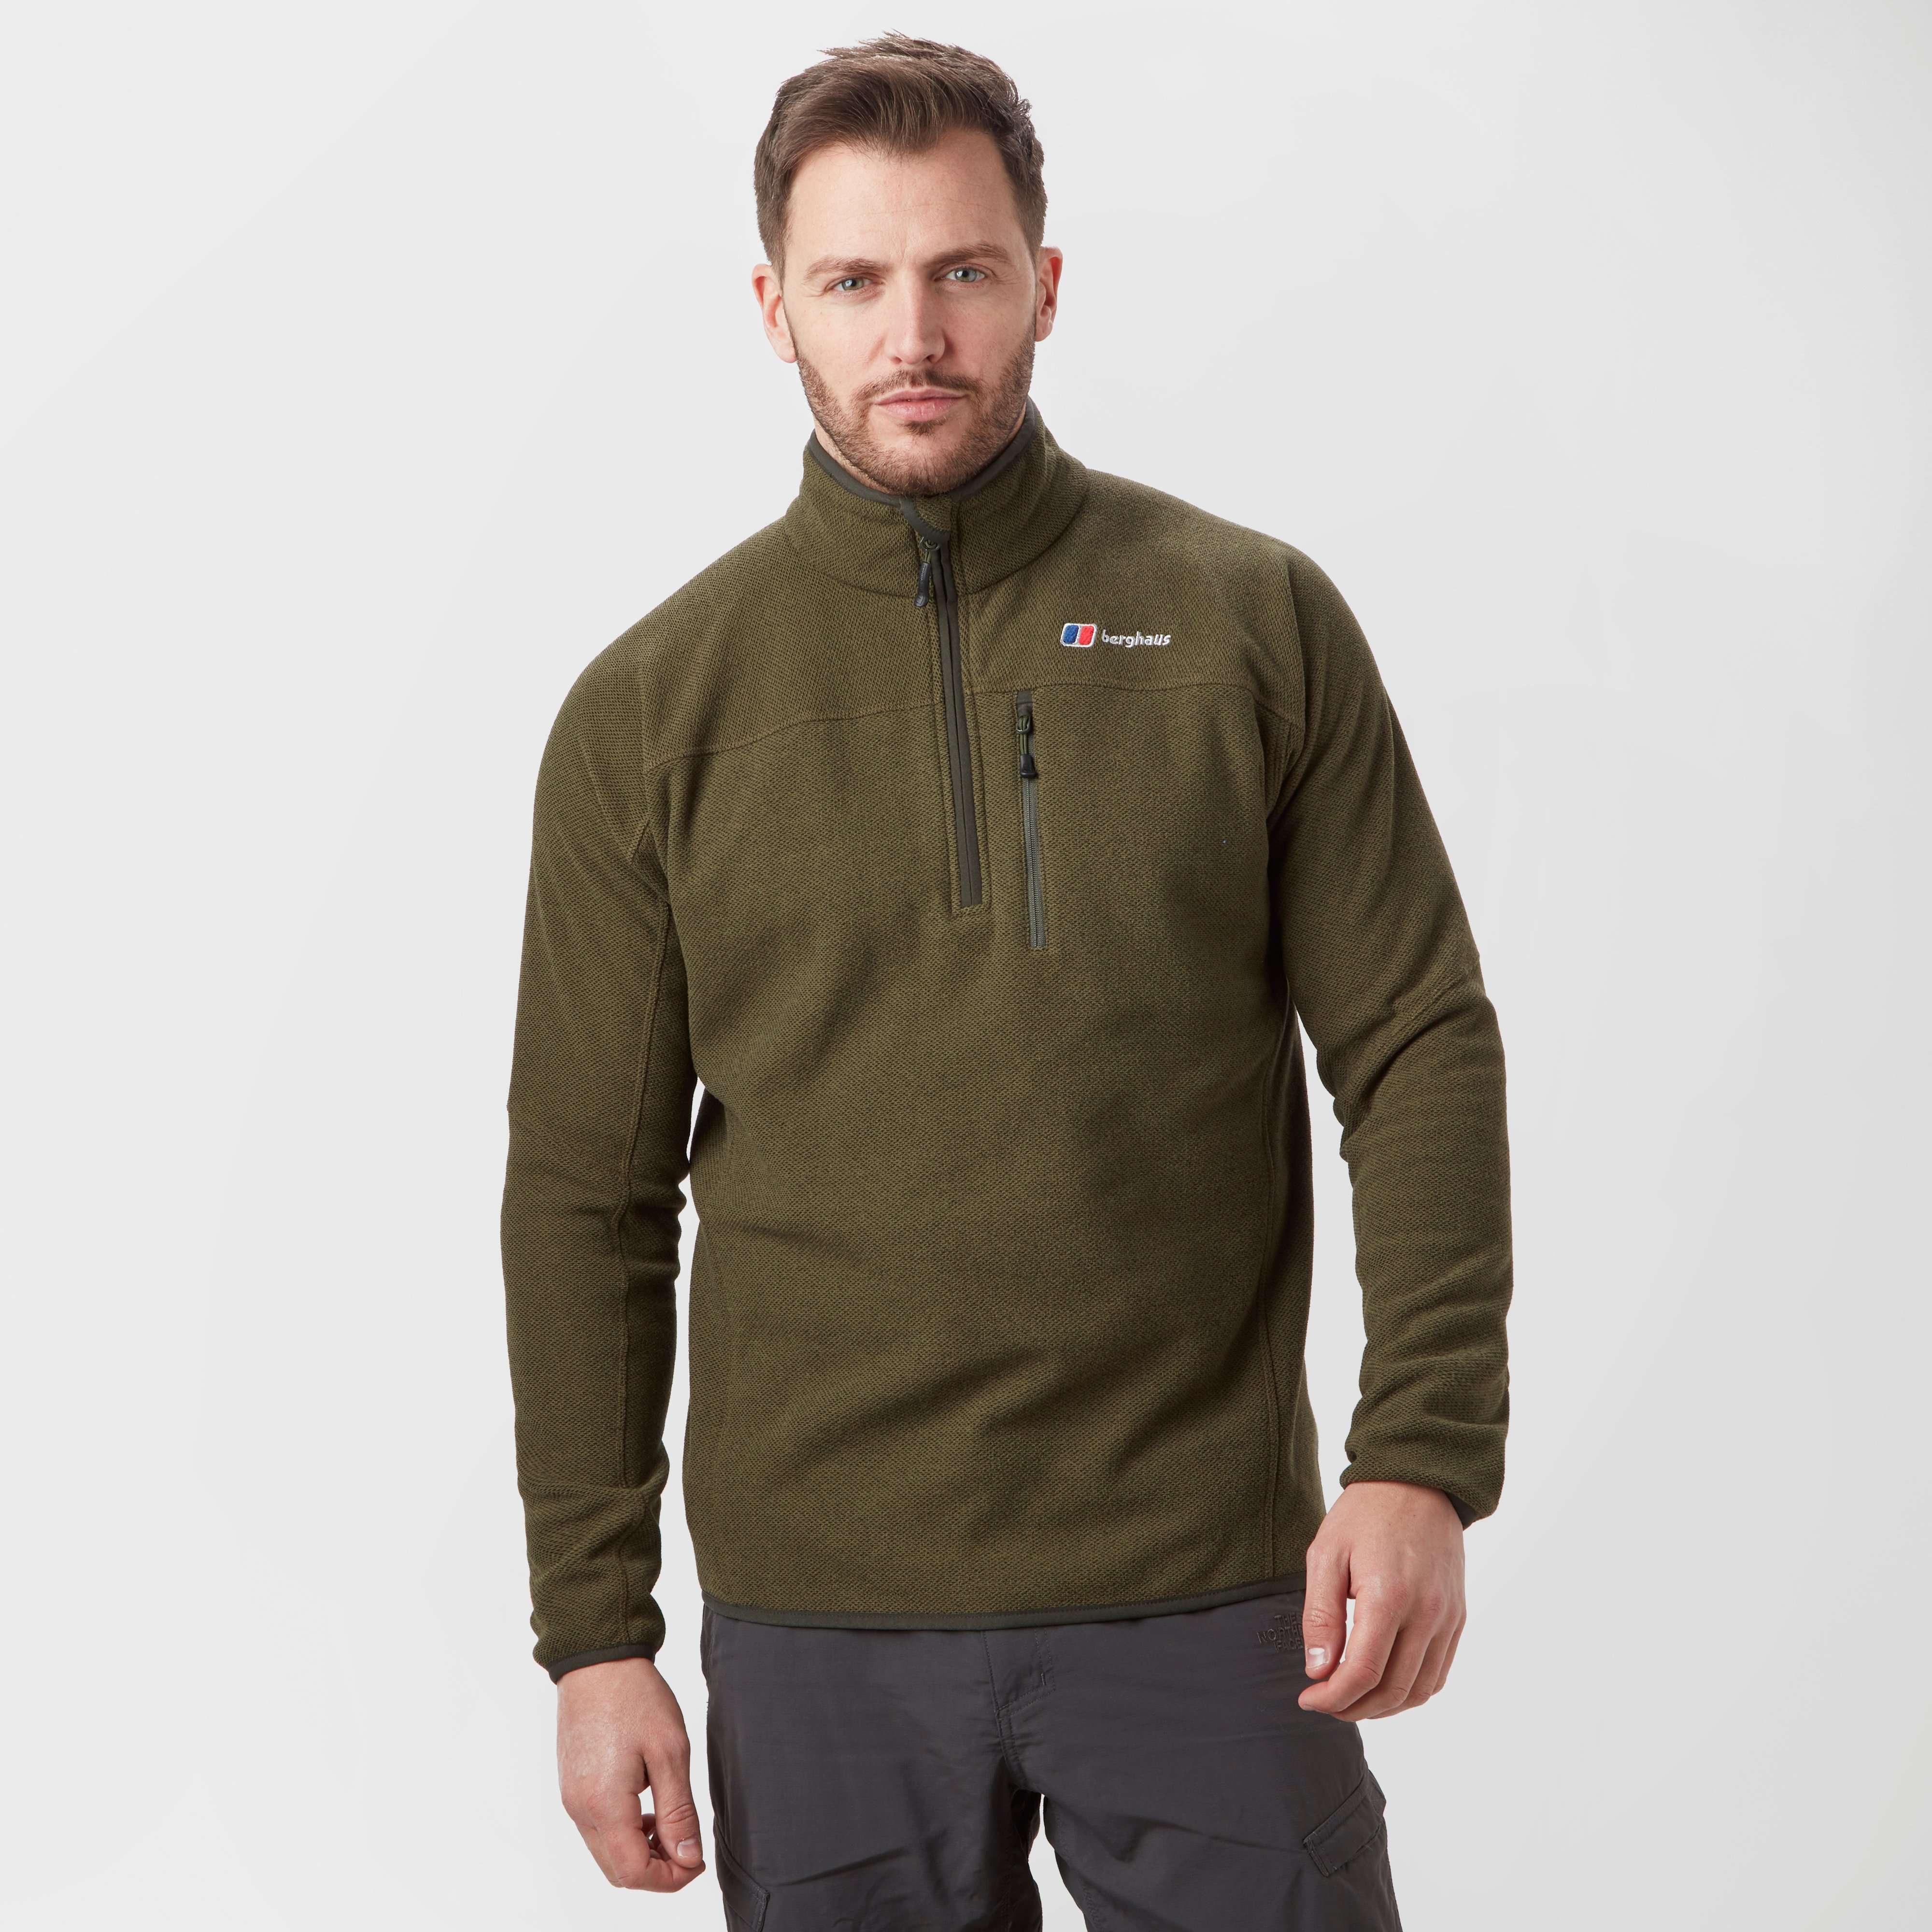 BERGHAUS Men's Stainton Half Zip Fleece